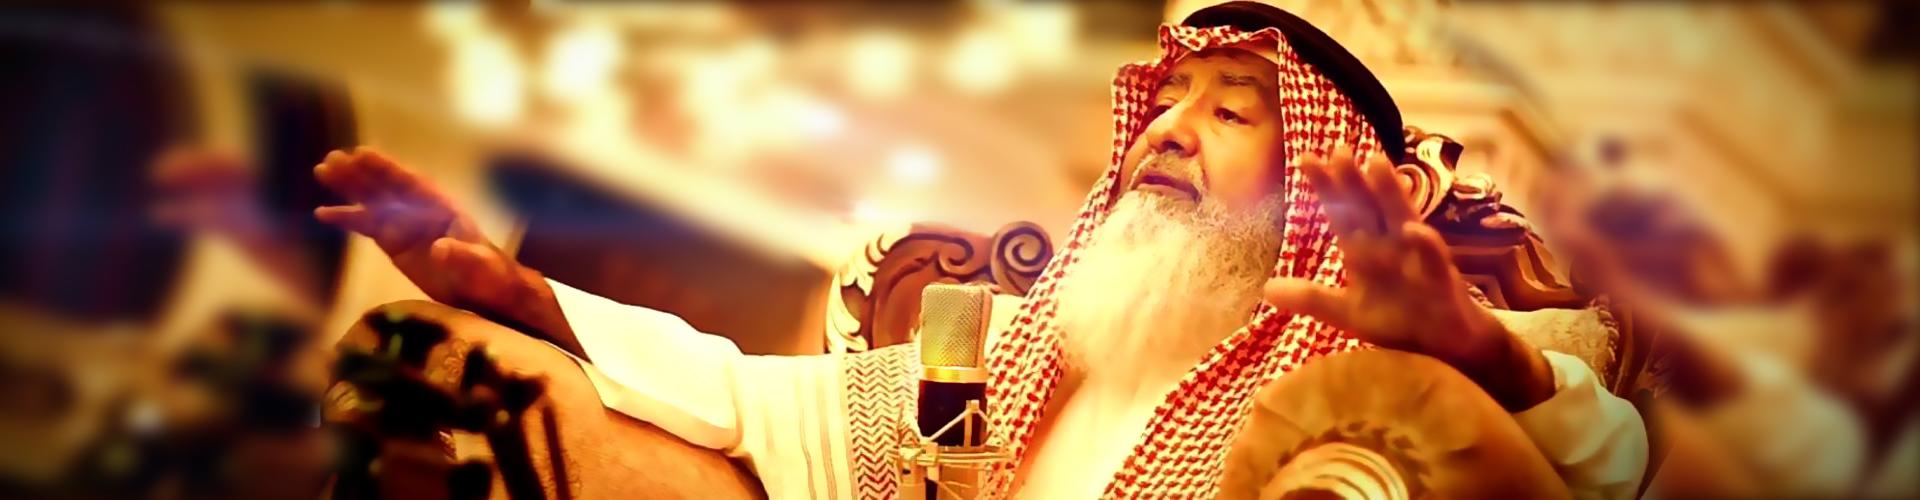 الموقع الرسمي للدكتور علي بن محمد عودة الغامدي